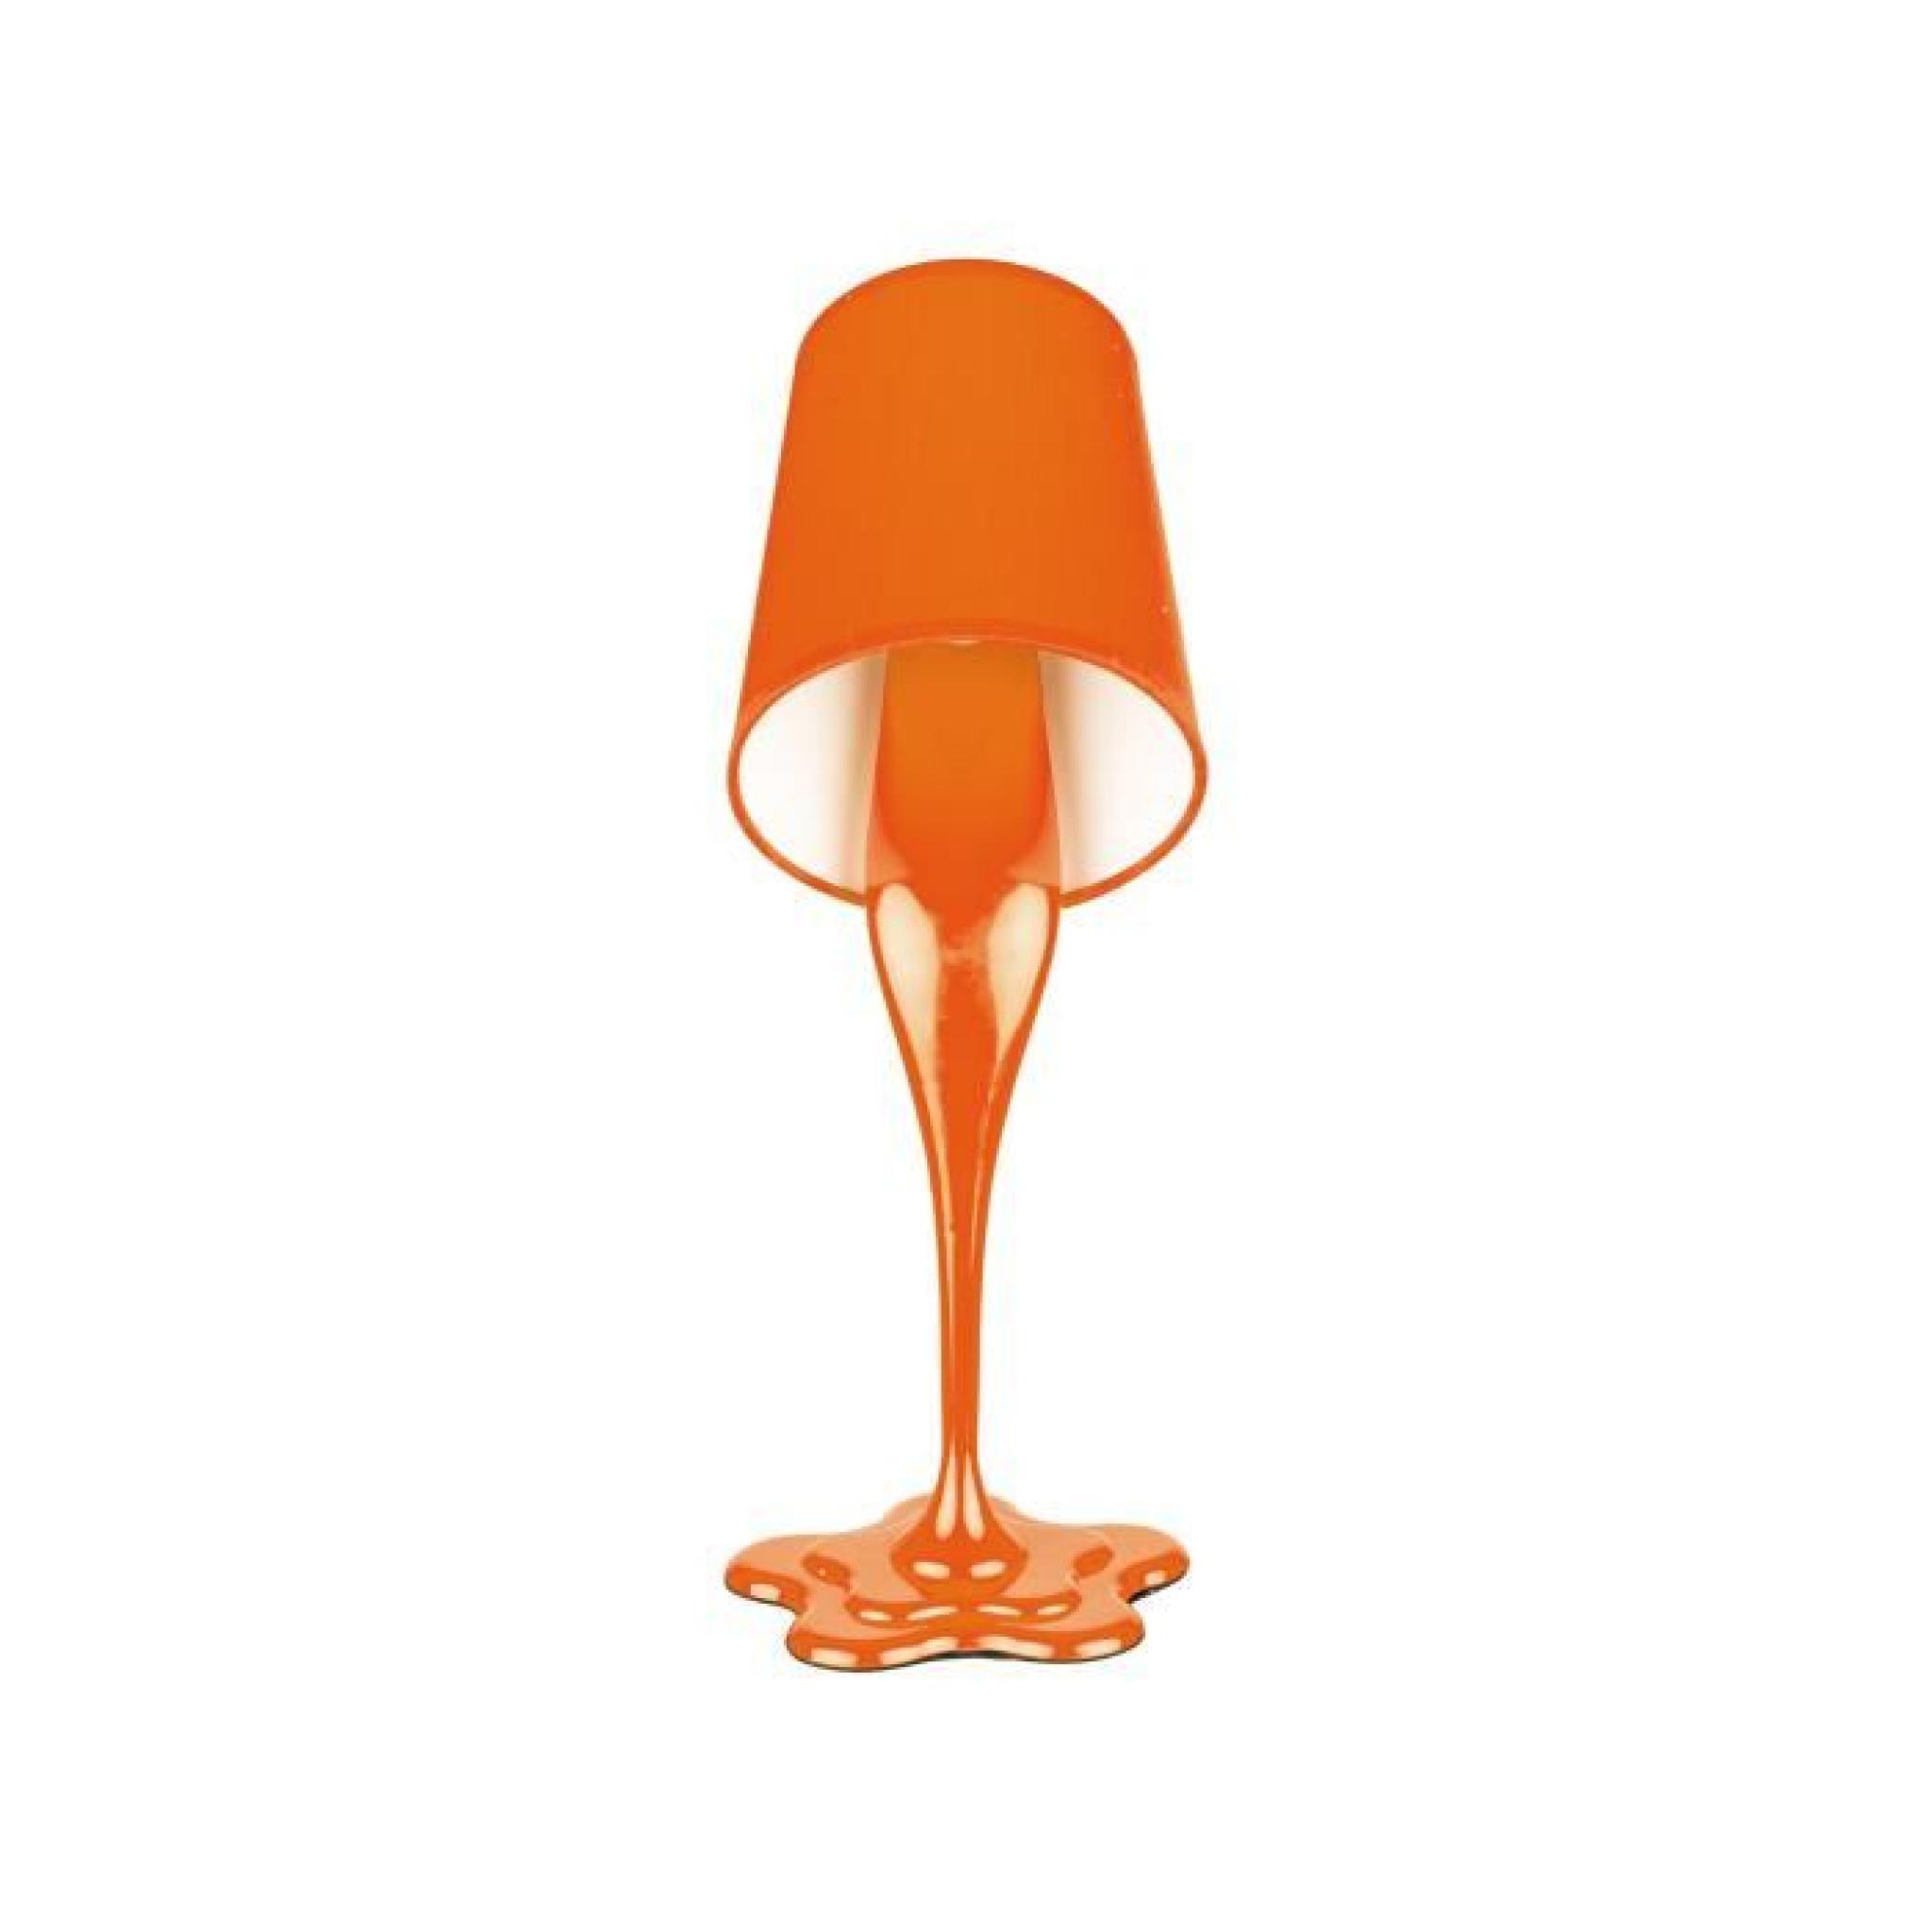 lampe pot de peinture orange achat vente. Black Bedroom Furniture Sets. Home Design Ideas